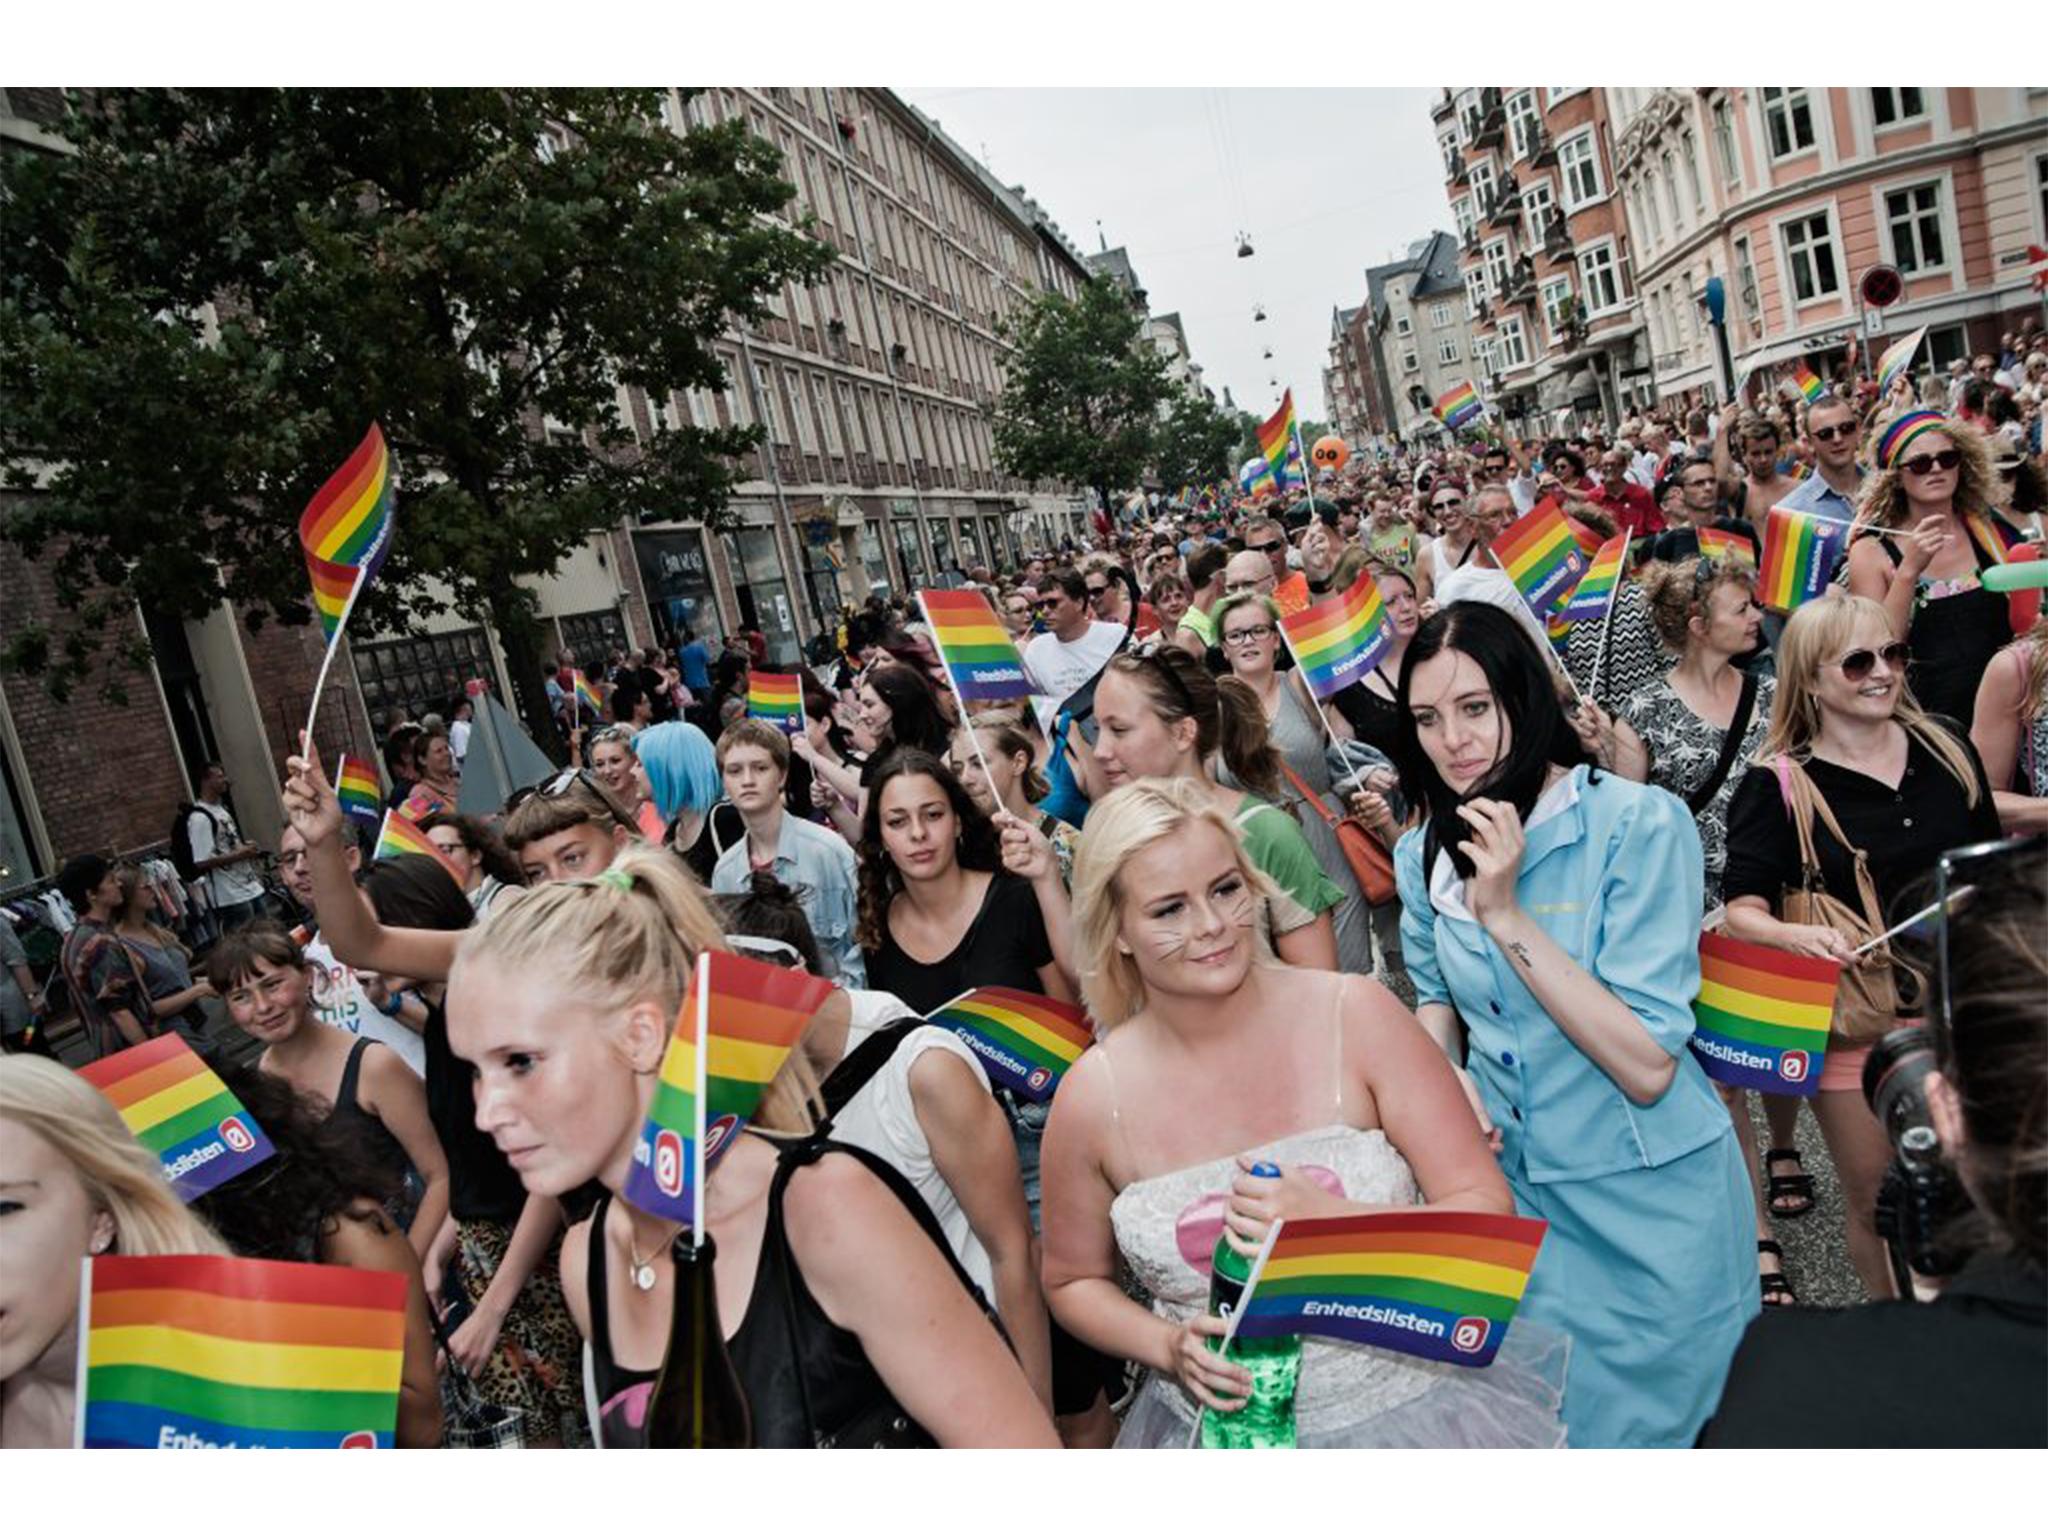 LGBT+, Marcha Orgulho Gay, World Pride Copenhagen